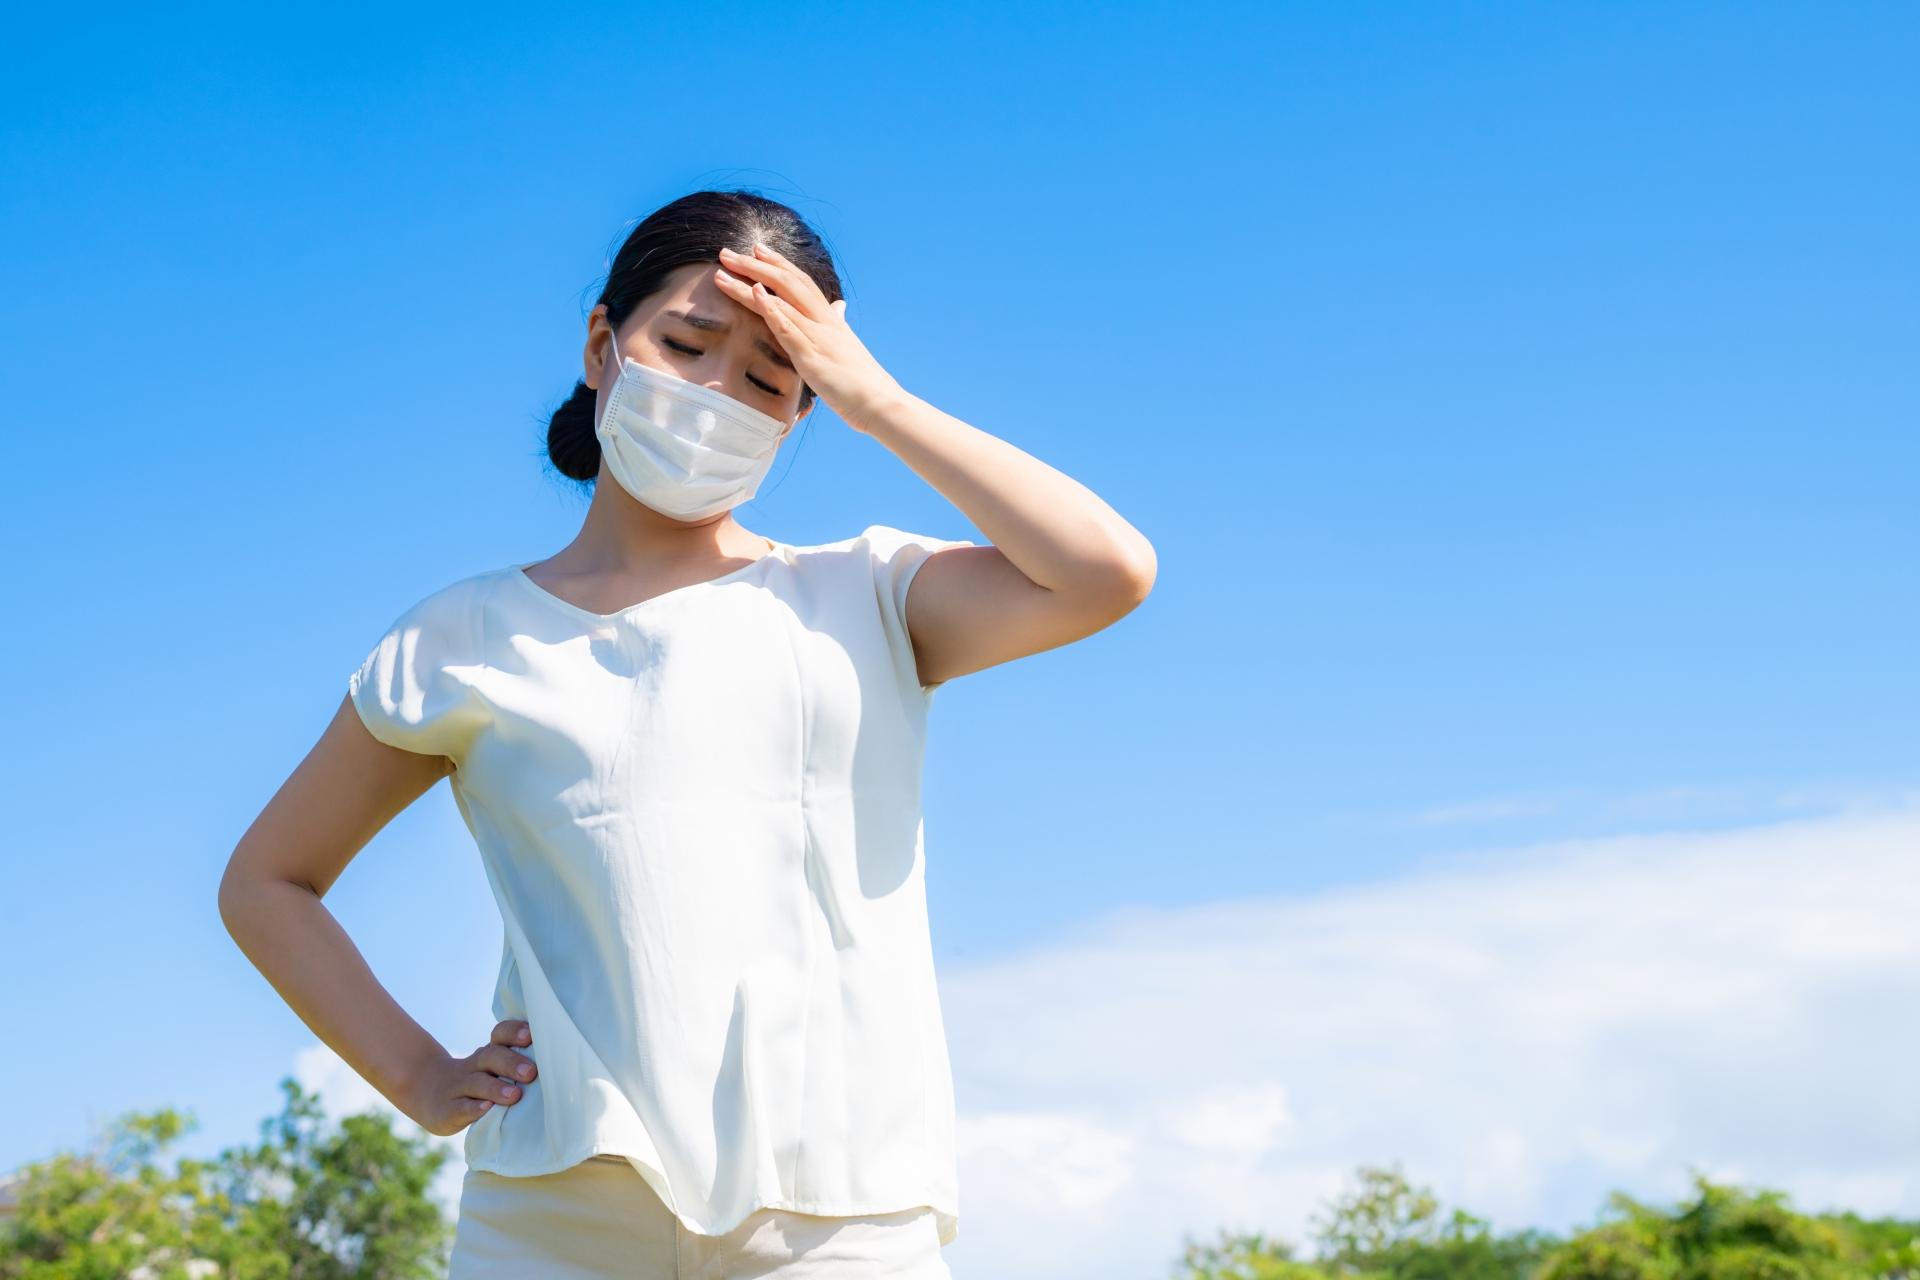 マスク着用による肌状態の変化と夏のスキンケア